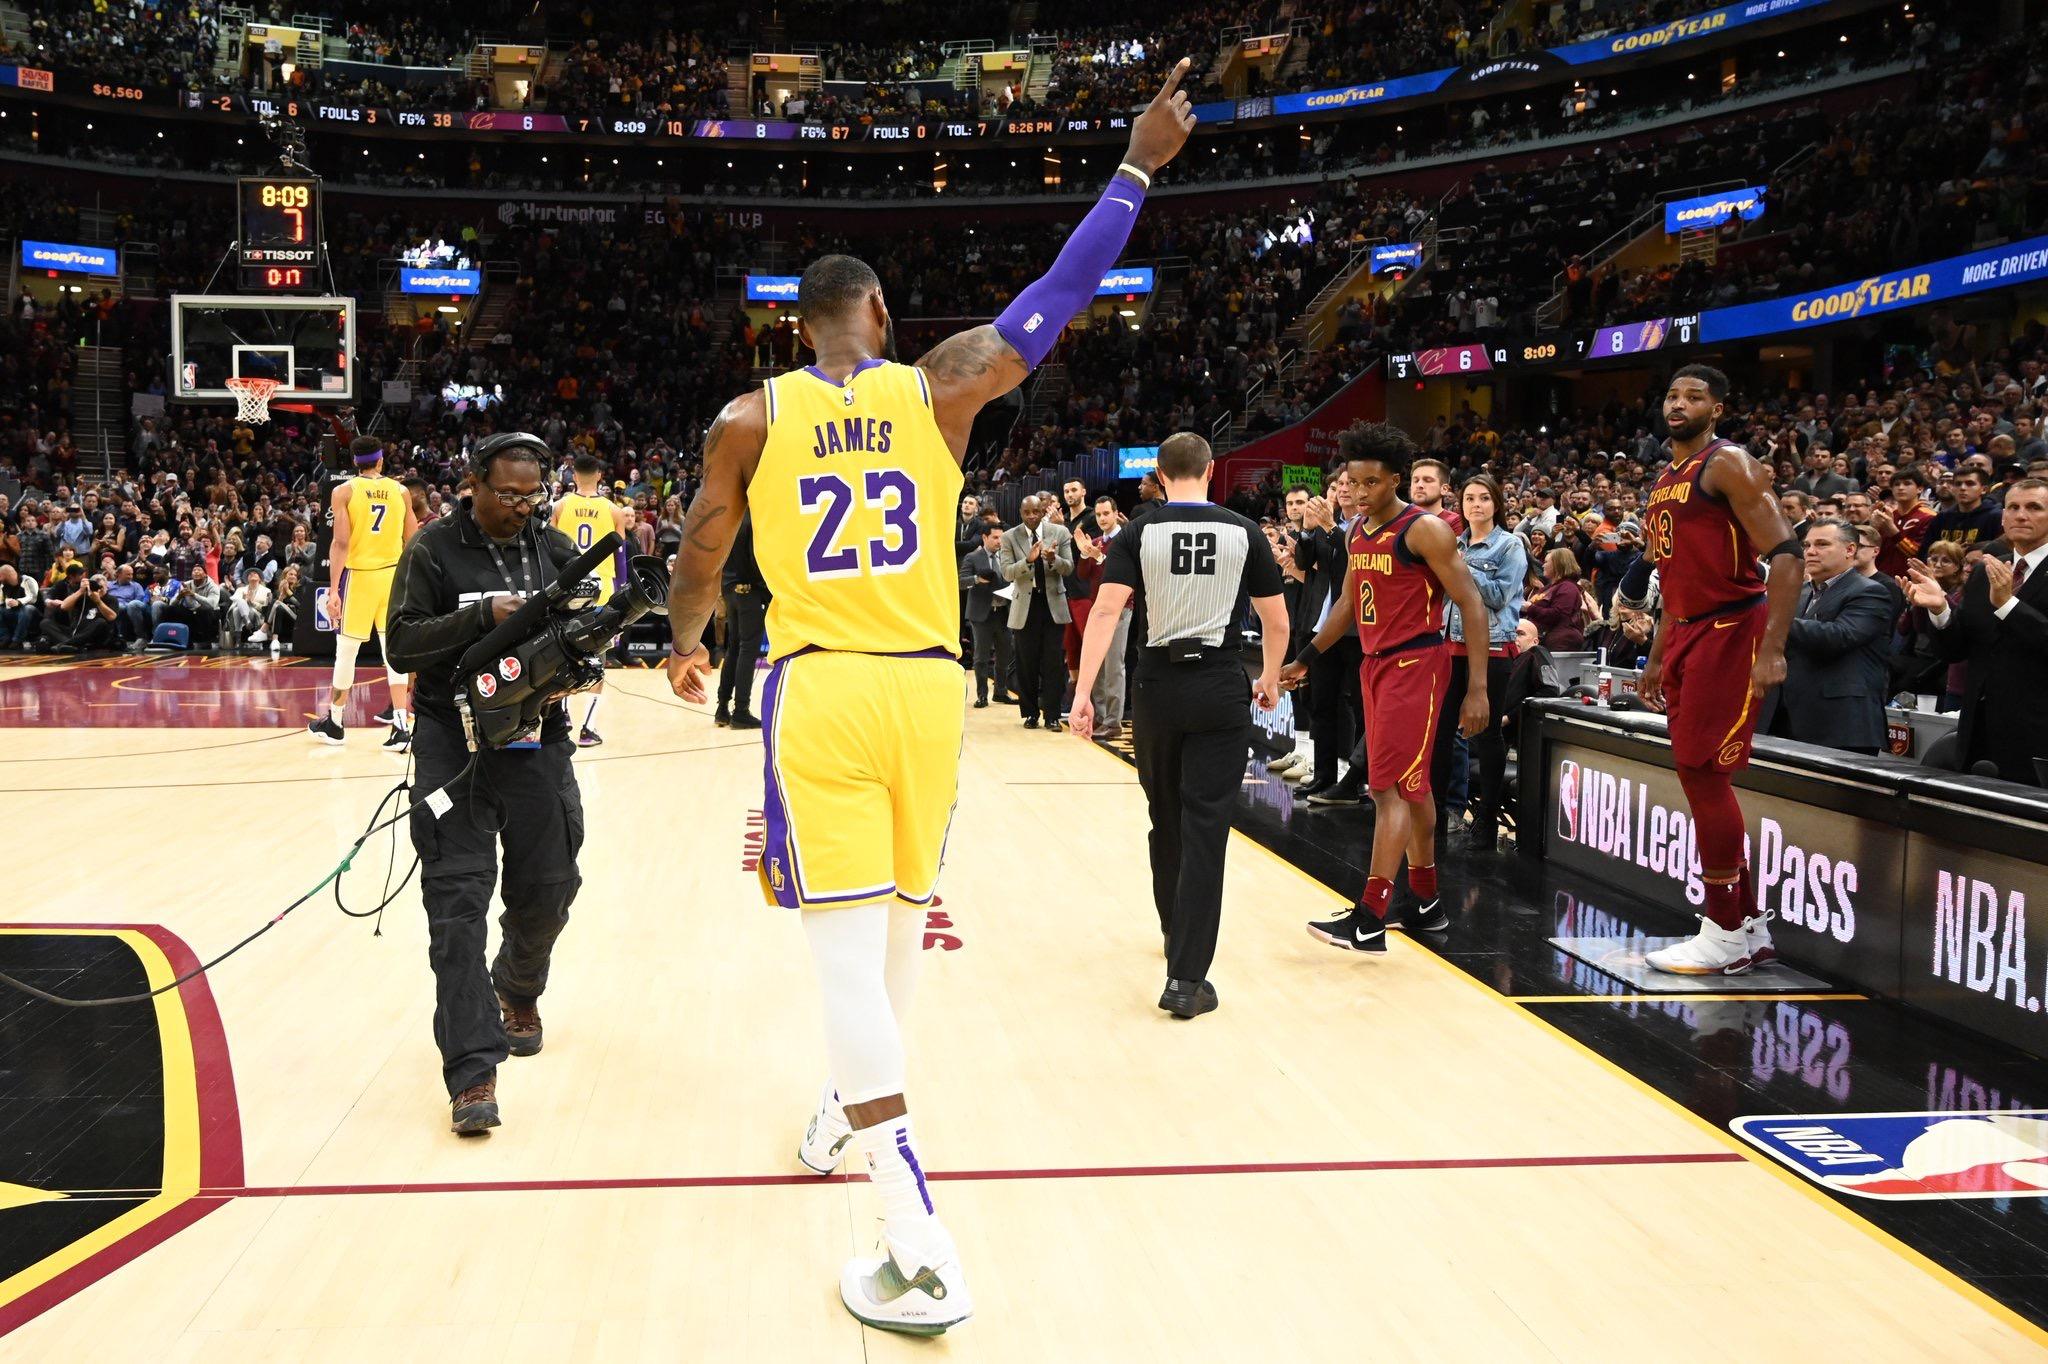 昨日湖人与骑士的比赛创下多项NBA常规赛收视率纪录